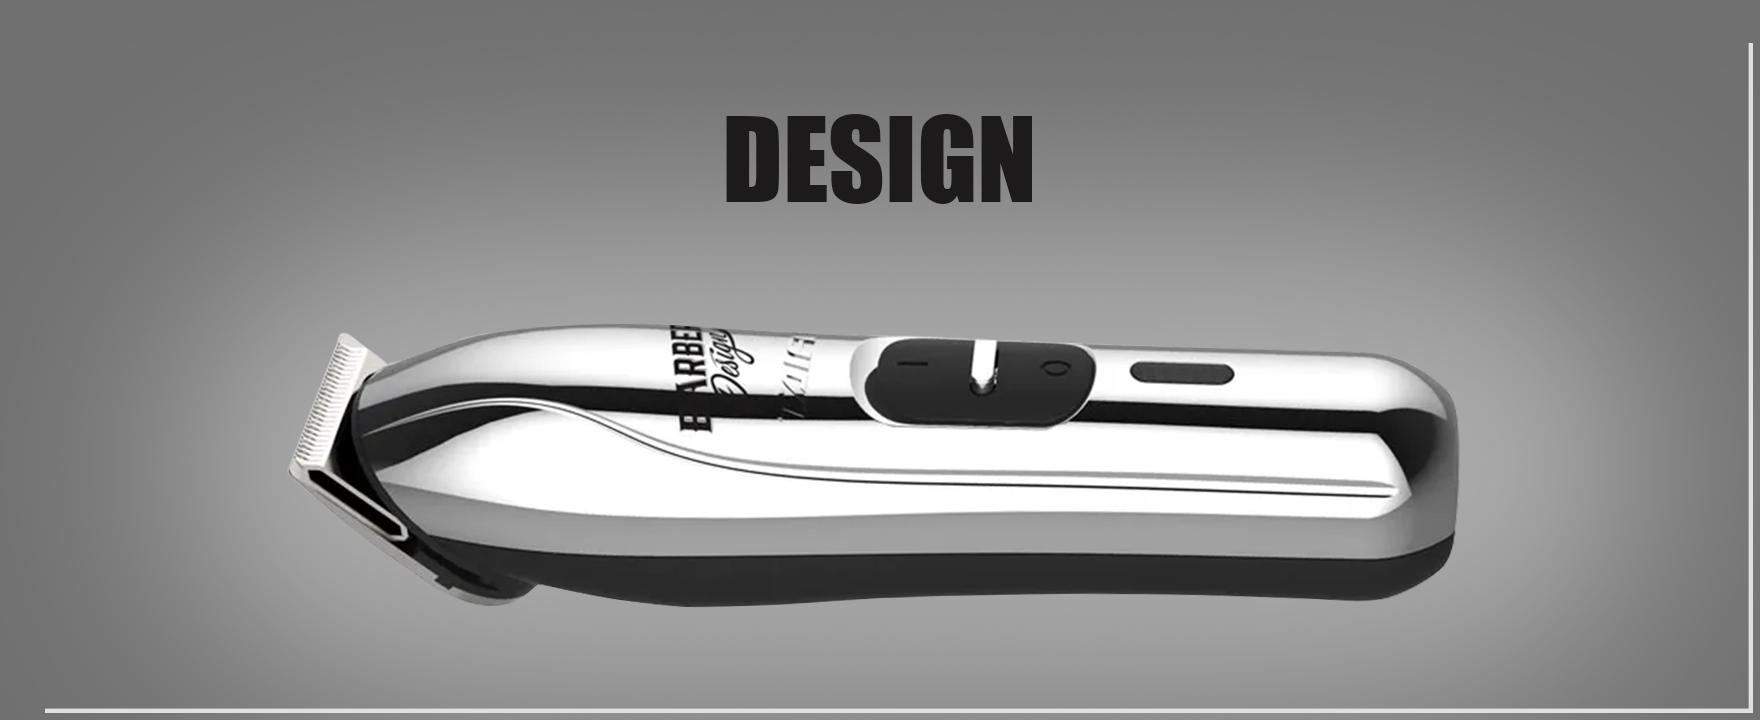 2a6441479 Seu design preto e cromado garante muita modernidade. Além disso, é  ergonômico, inovador e possui led indicador de recarga.